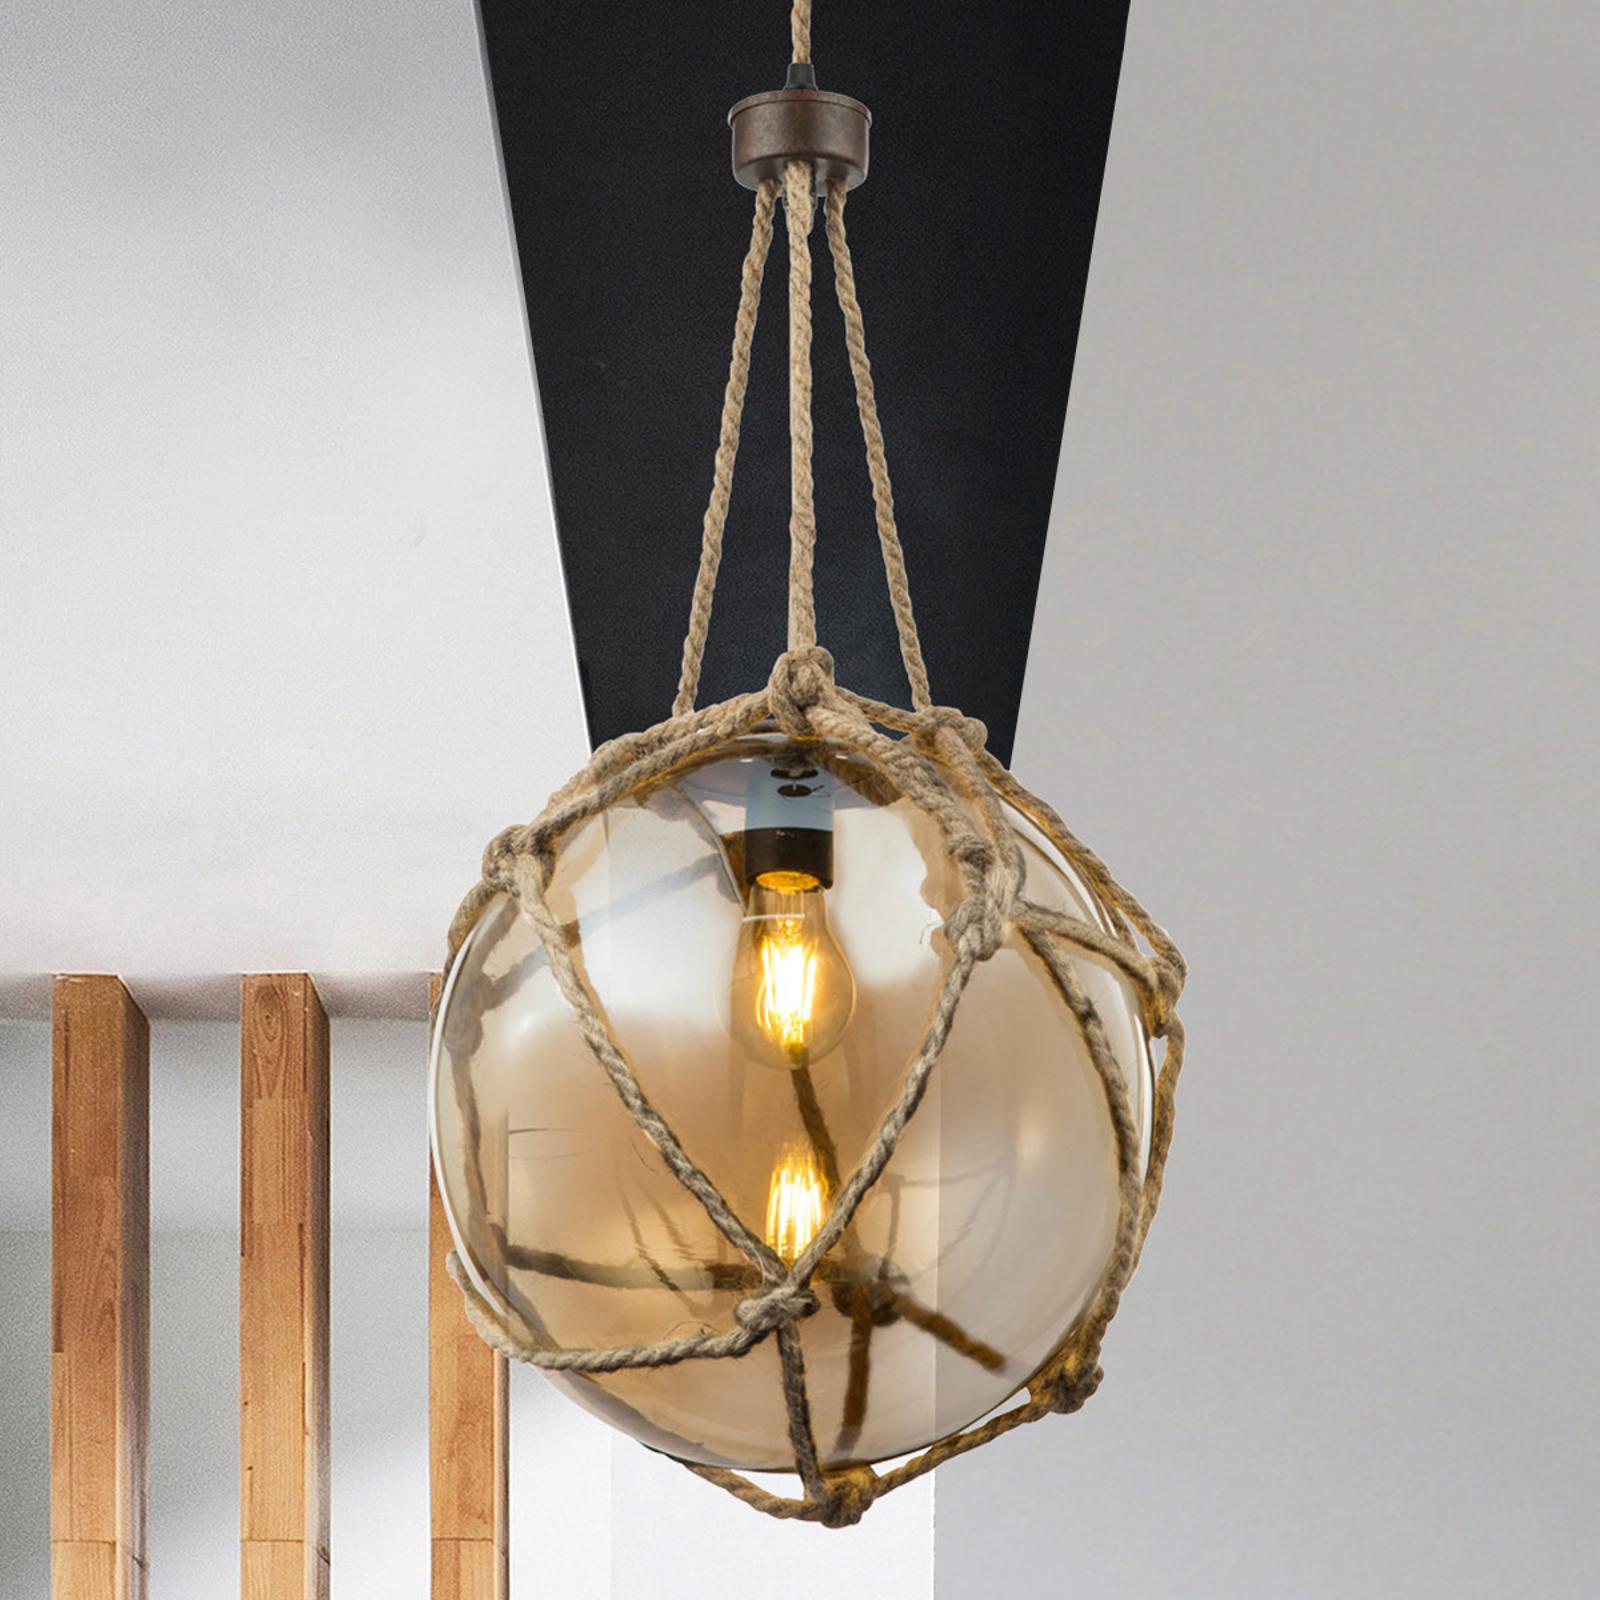 Glazen hanglamp Tiko met net roestkleurig Ø 30 cm